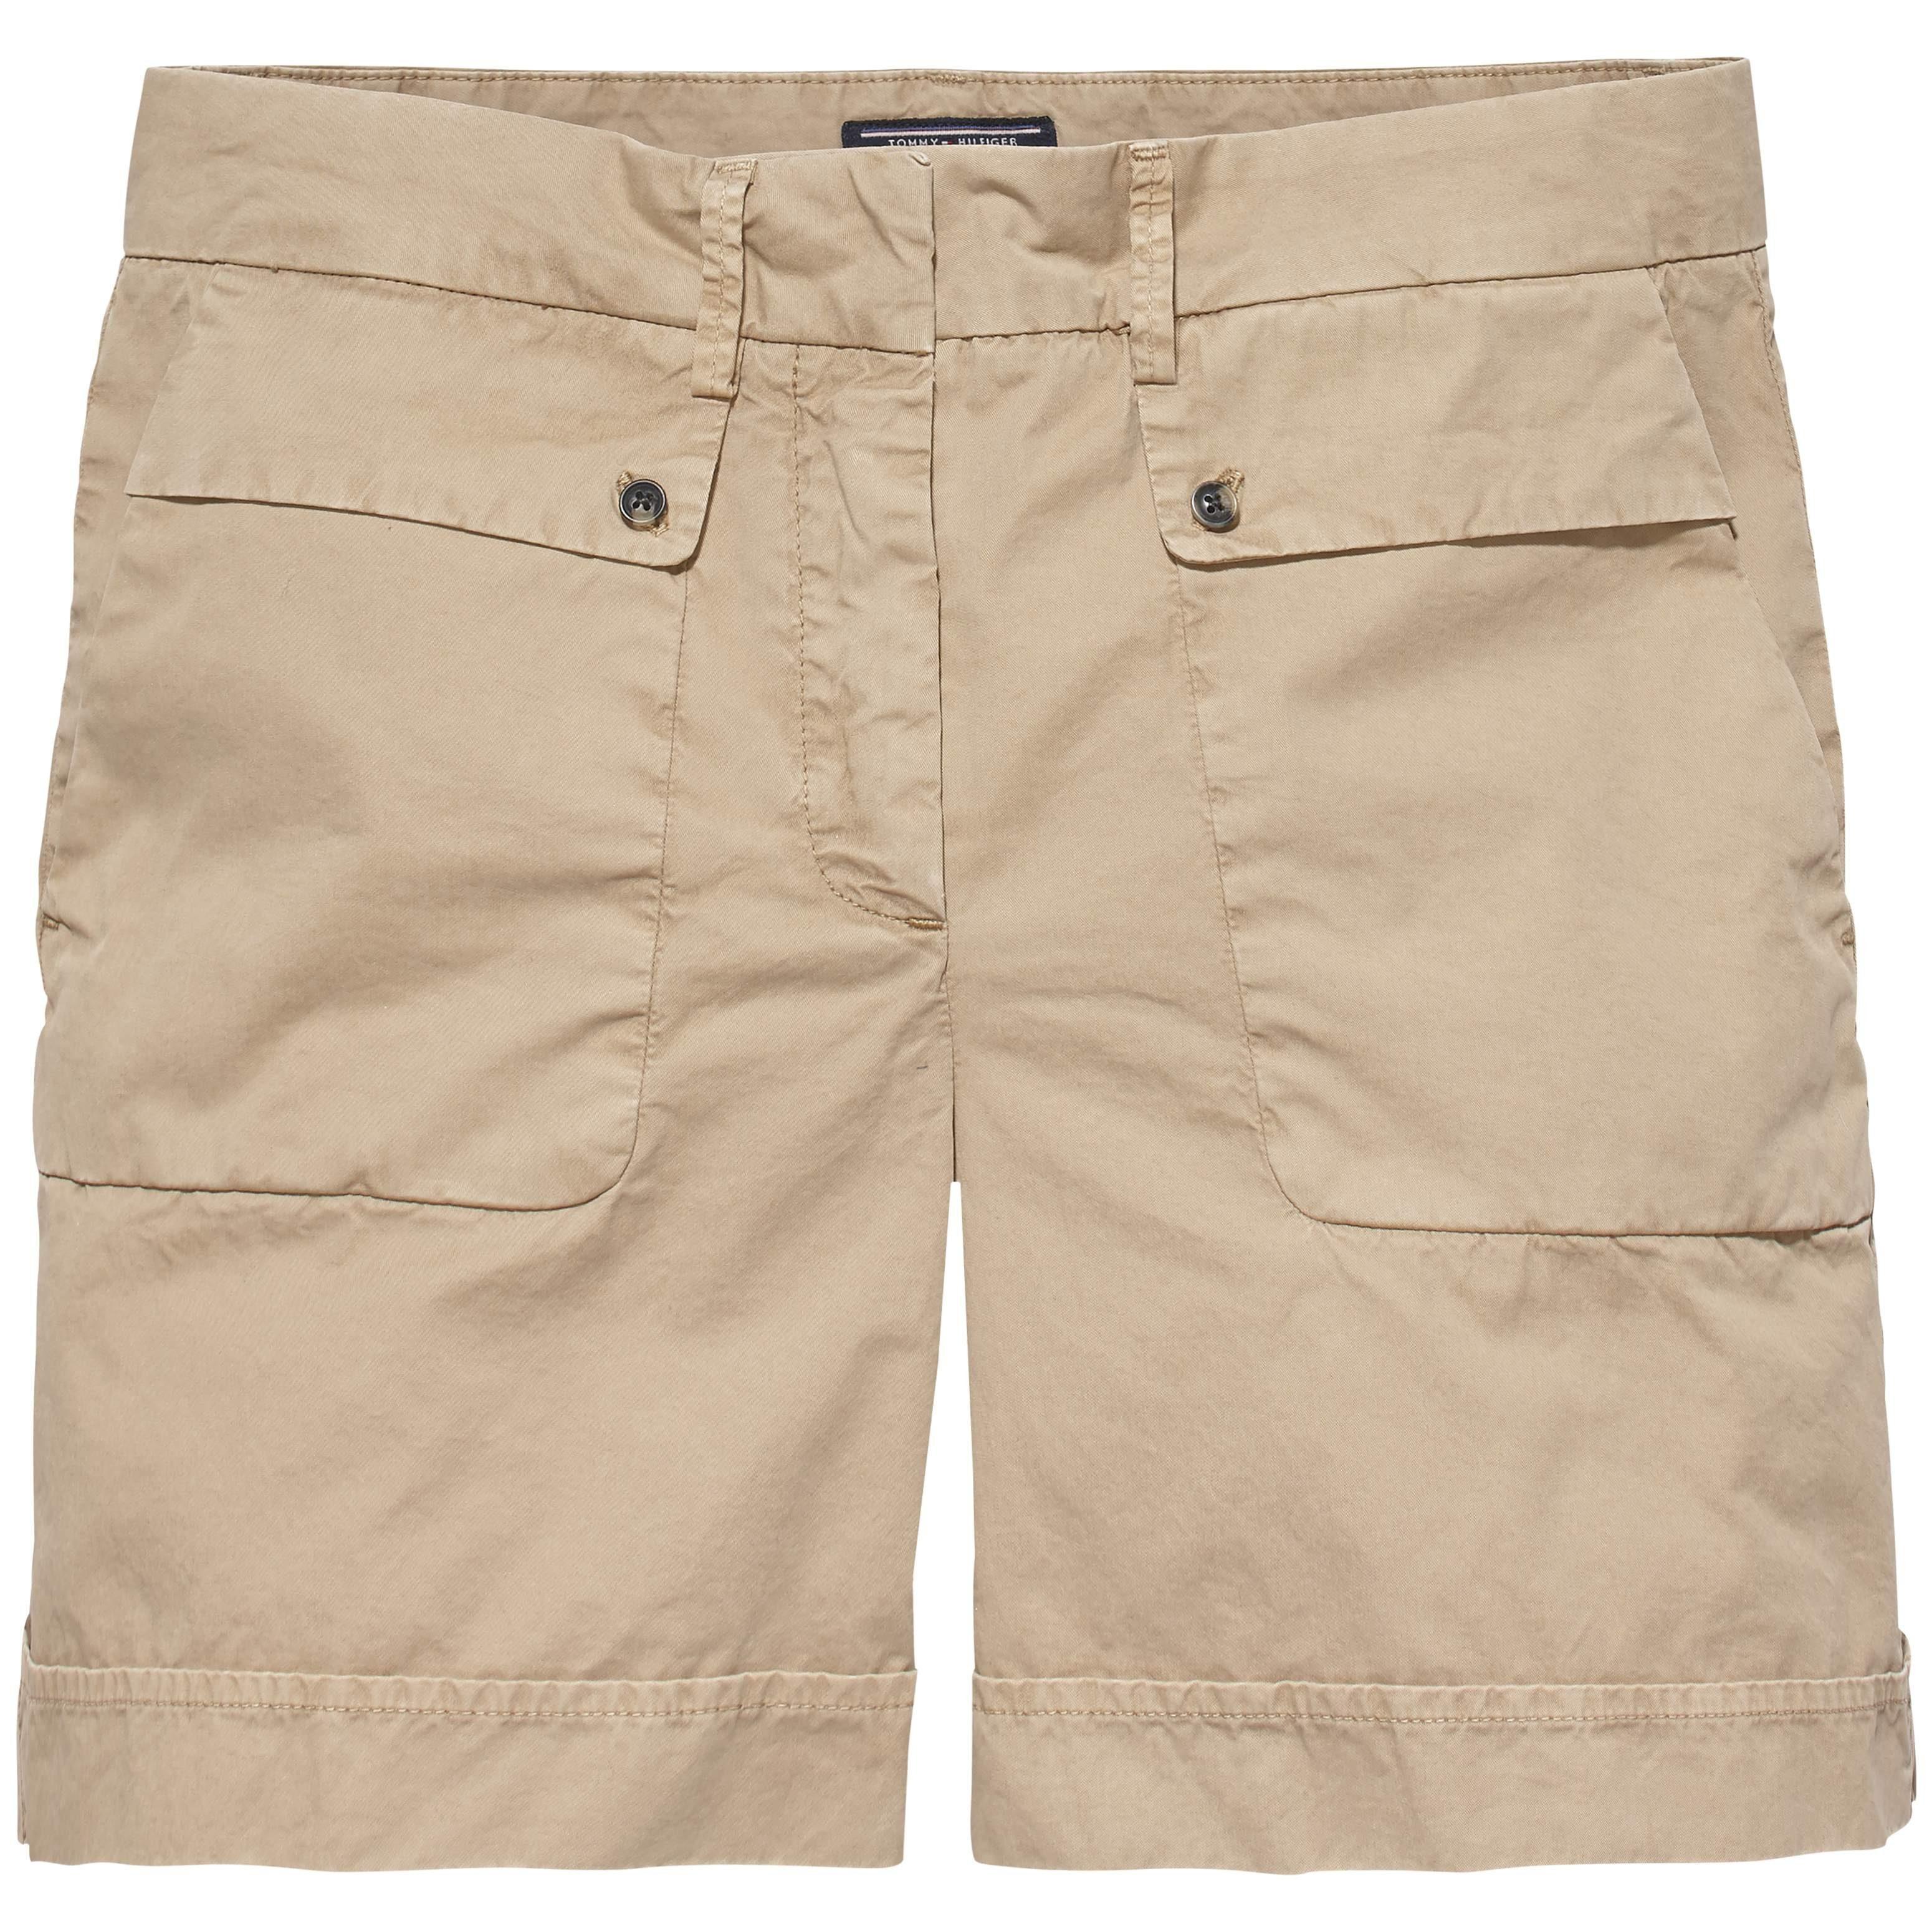 Herrenmode Kurze Hose Kleidung & Accessoires